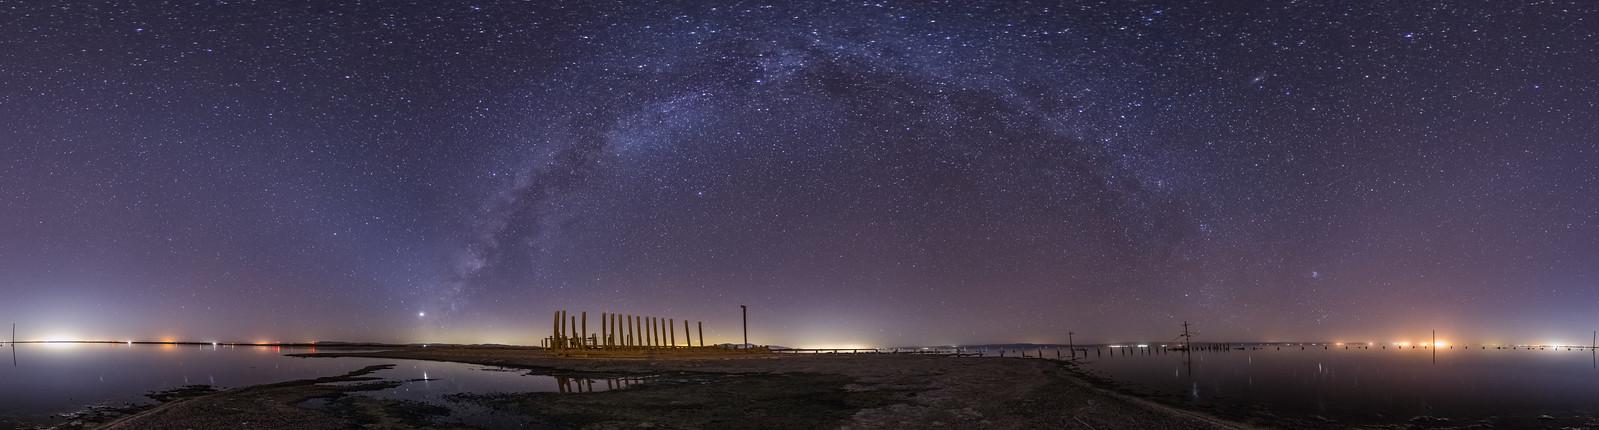 Milky Way Over Salton Sea Naval Station Panorama